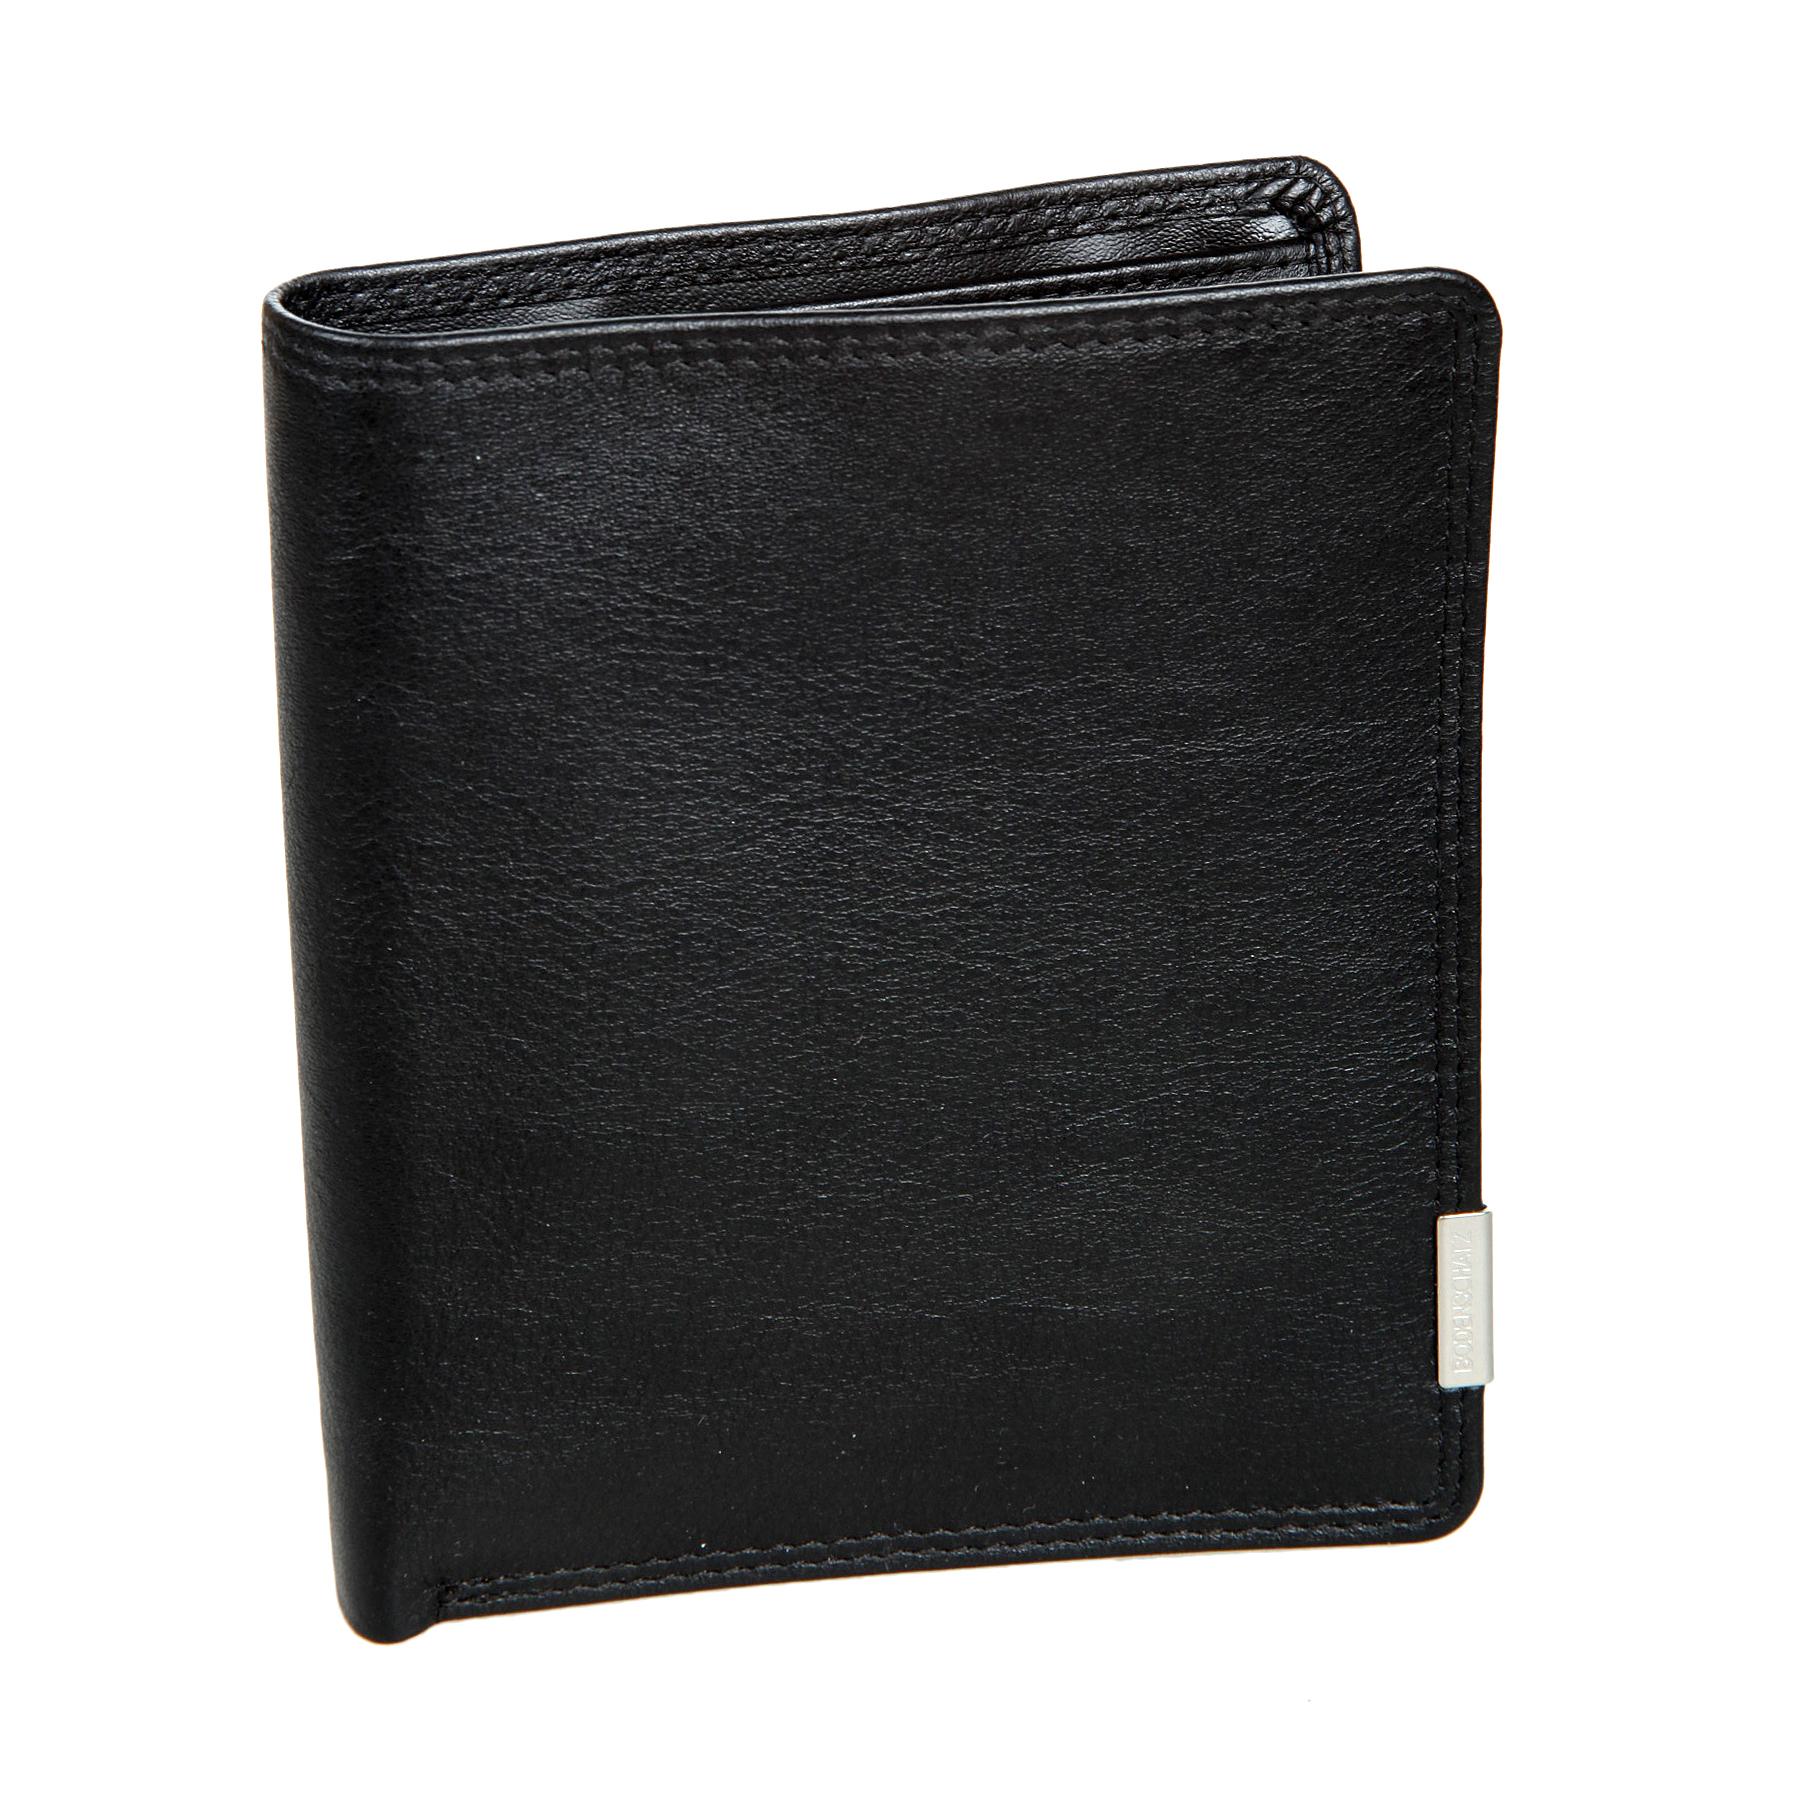 Портмоне мужское Bodenschatz, цвет: черный. 8-690BM8434-58AEПортмоне мужское Bodenschatz выполнено из натуральной кожи. Модель раскладывается пополам, внутри два отдела для купюр, в первом предусмотрен потайной карман для крупных купюр. Отделение для монет закрывается клапаном на кнопку. Имеются три кармана для документов, четыре кармашка для пластиковых карт, один из них сетчатый, съемное отделение для документов. Дополнительно: мини ручка, пилочка для ногтей.